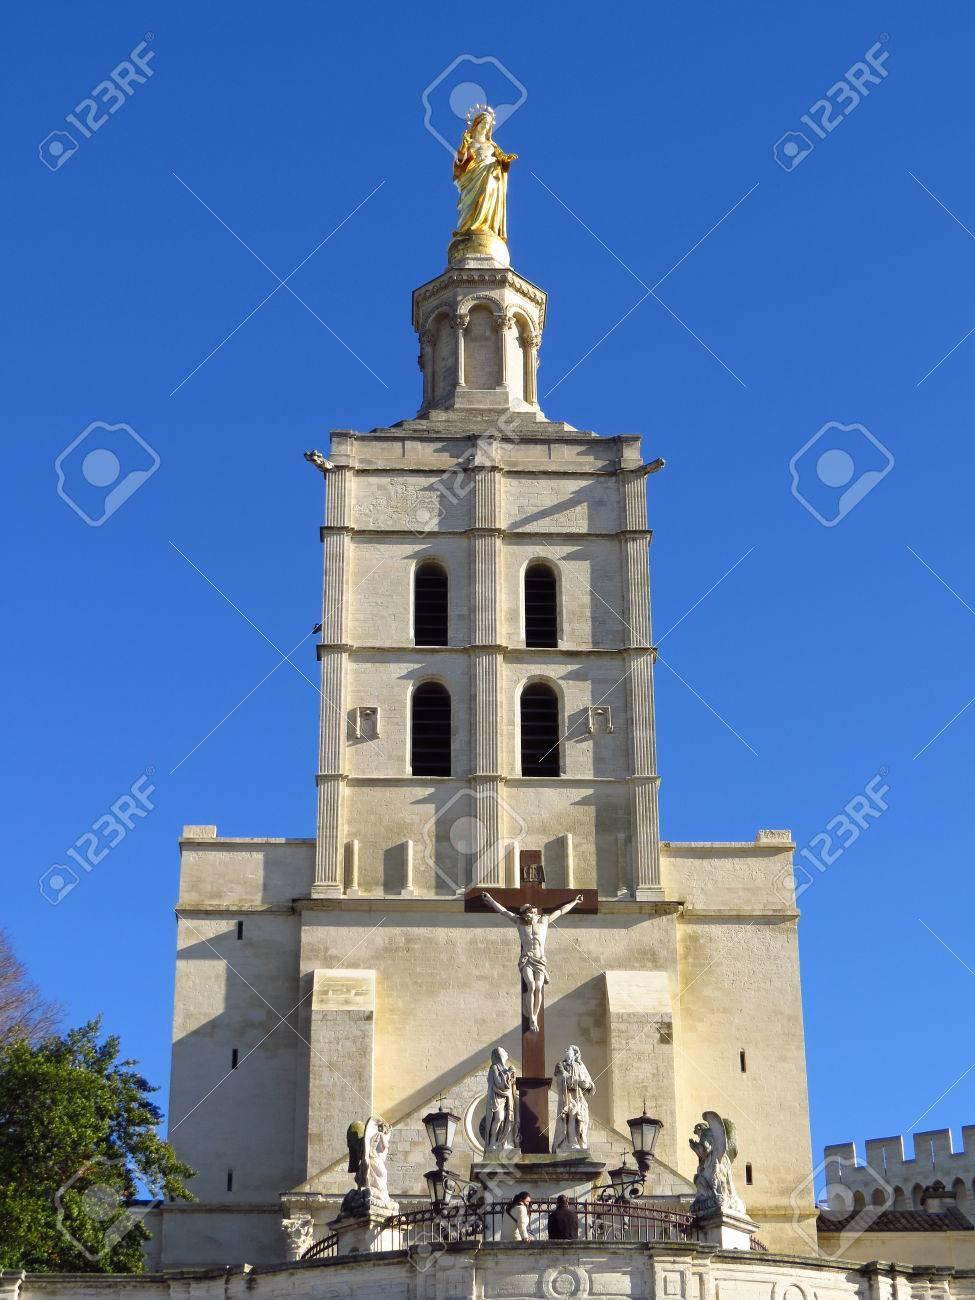 cathedrale notre dame des doms et vierge marie cathedral notre dame des doms cathacdrale de notre dame